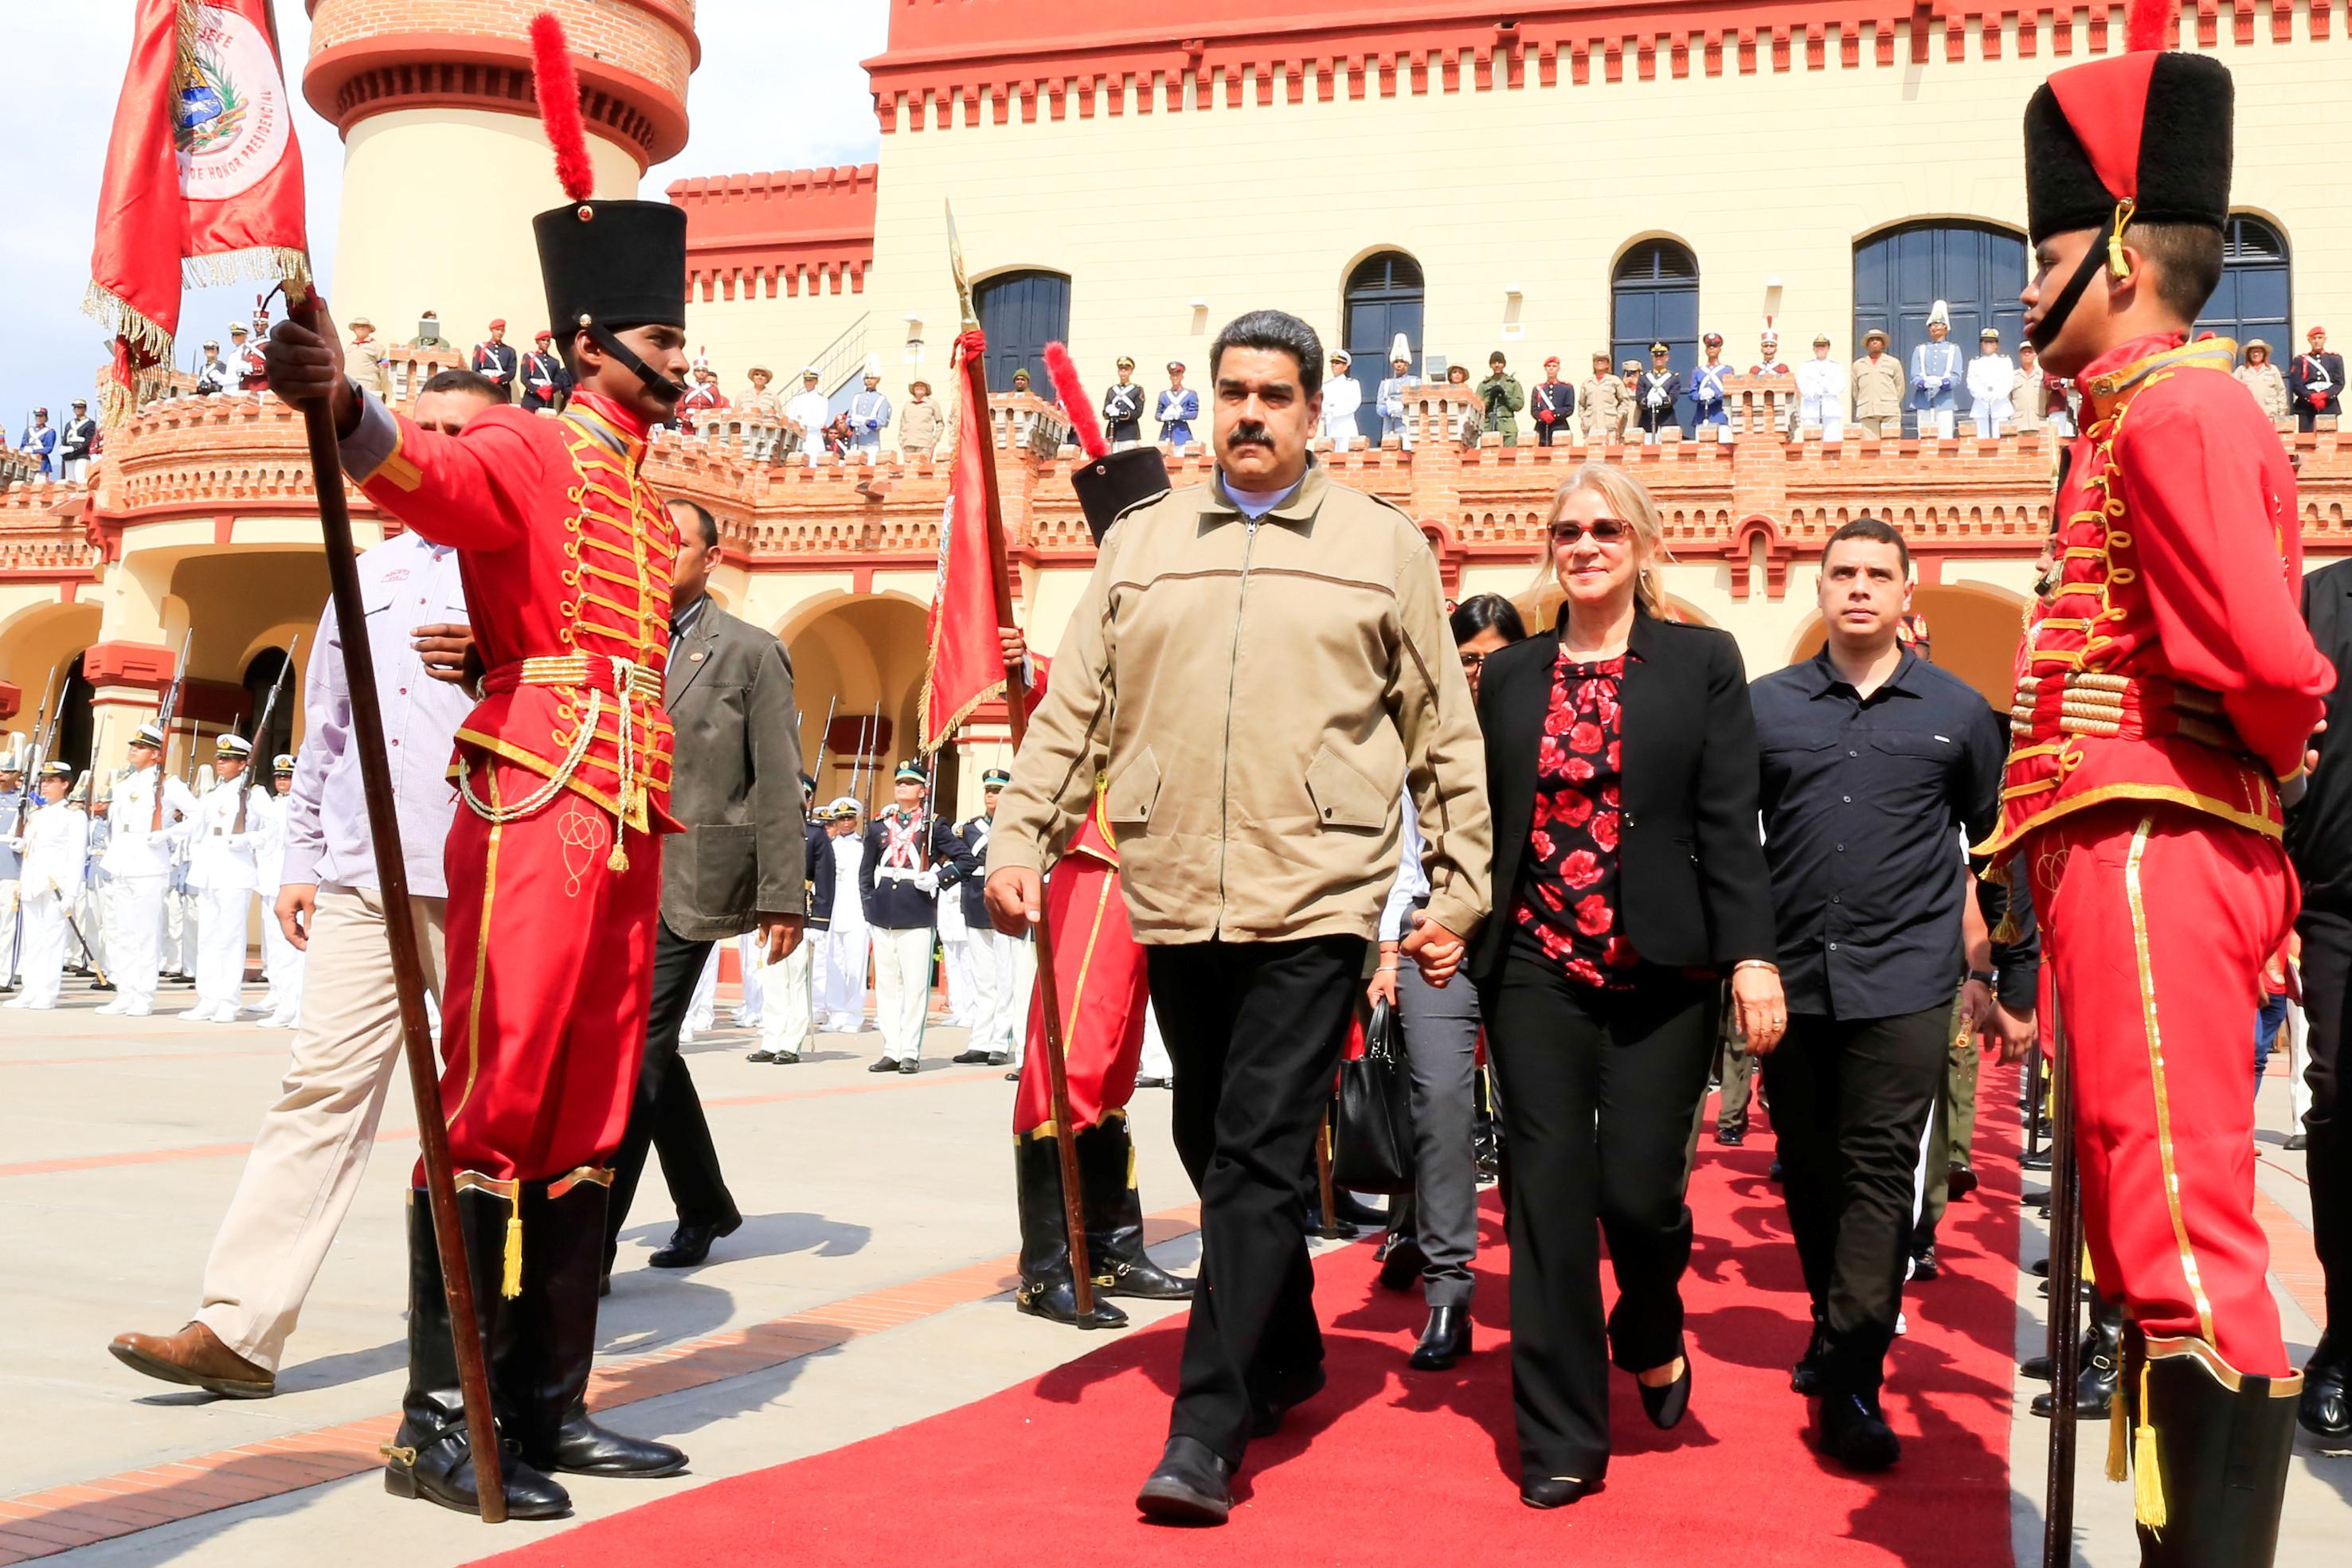 Maduro sobre Guaidó: 'Vamos derrotar a minoria, tenham certeza'